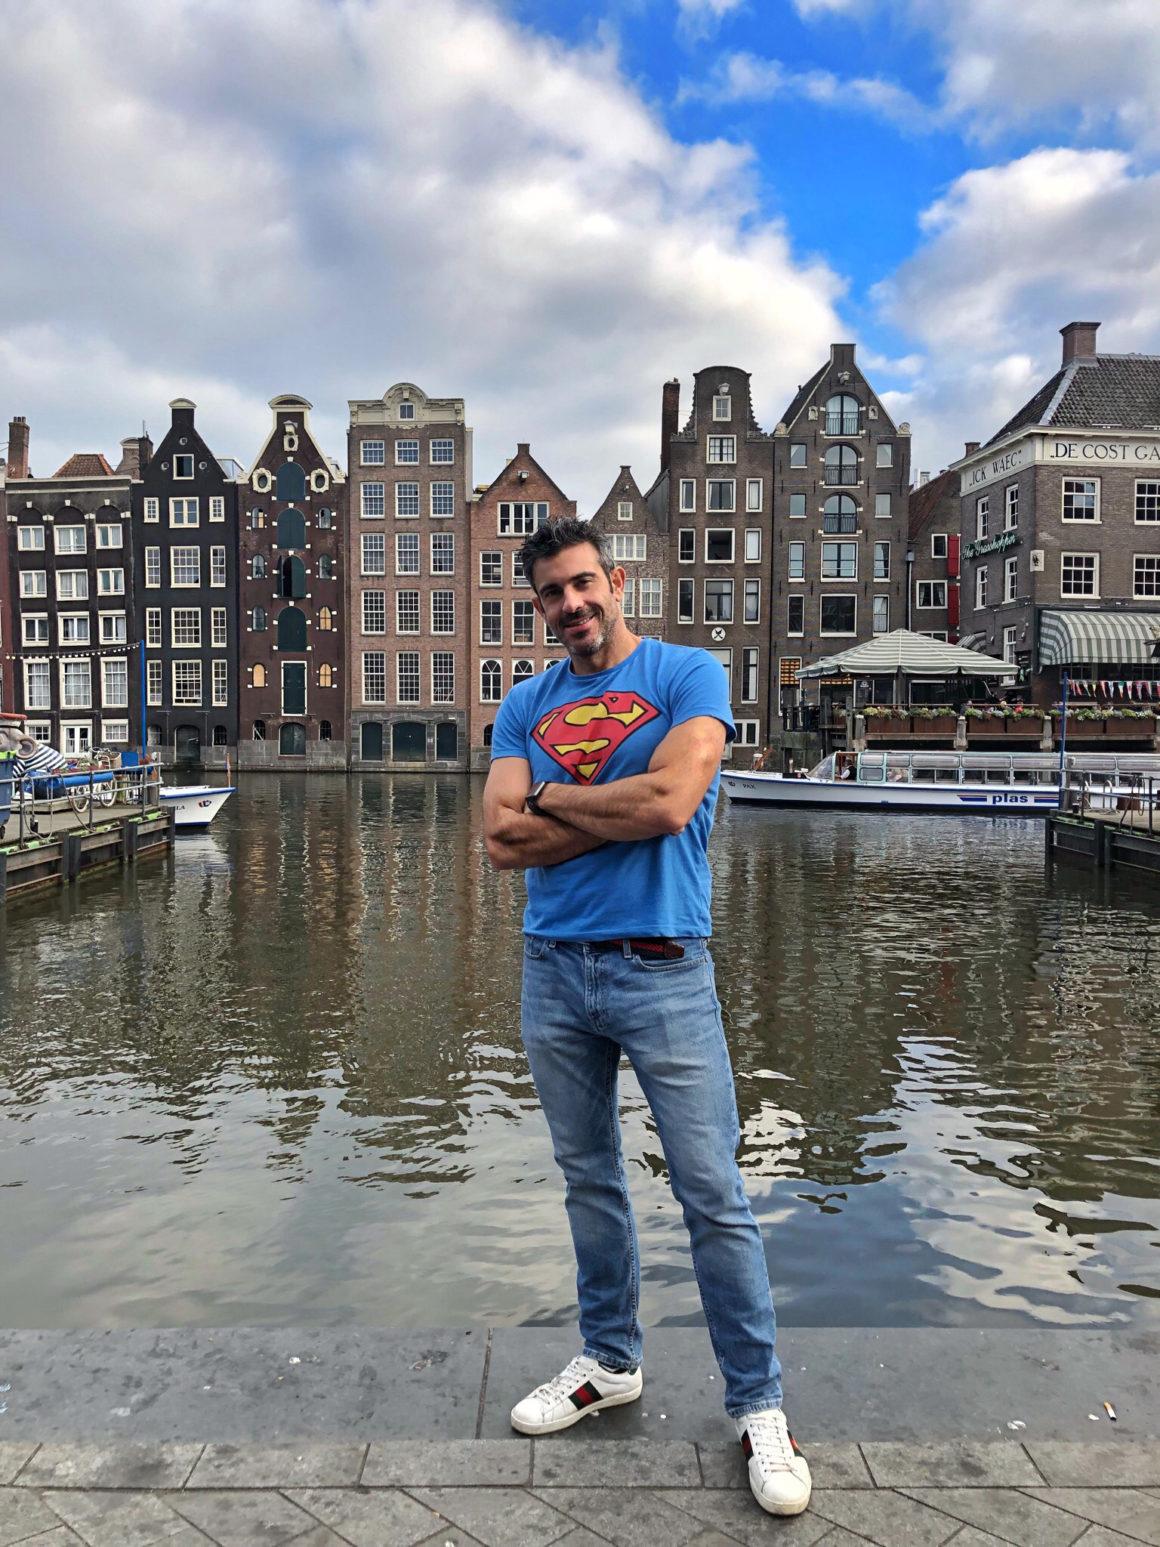 marathon maraton amsterdam maratón de amsterdam - marathon maraton amsterdam 10 1160x1547 - Correr el Maratón de Amsterdam: análisis, recorrido, entrenamiento y recomendaciones de viaje